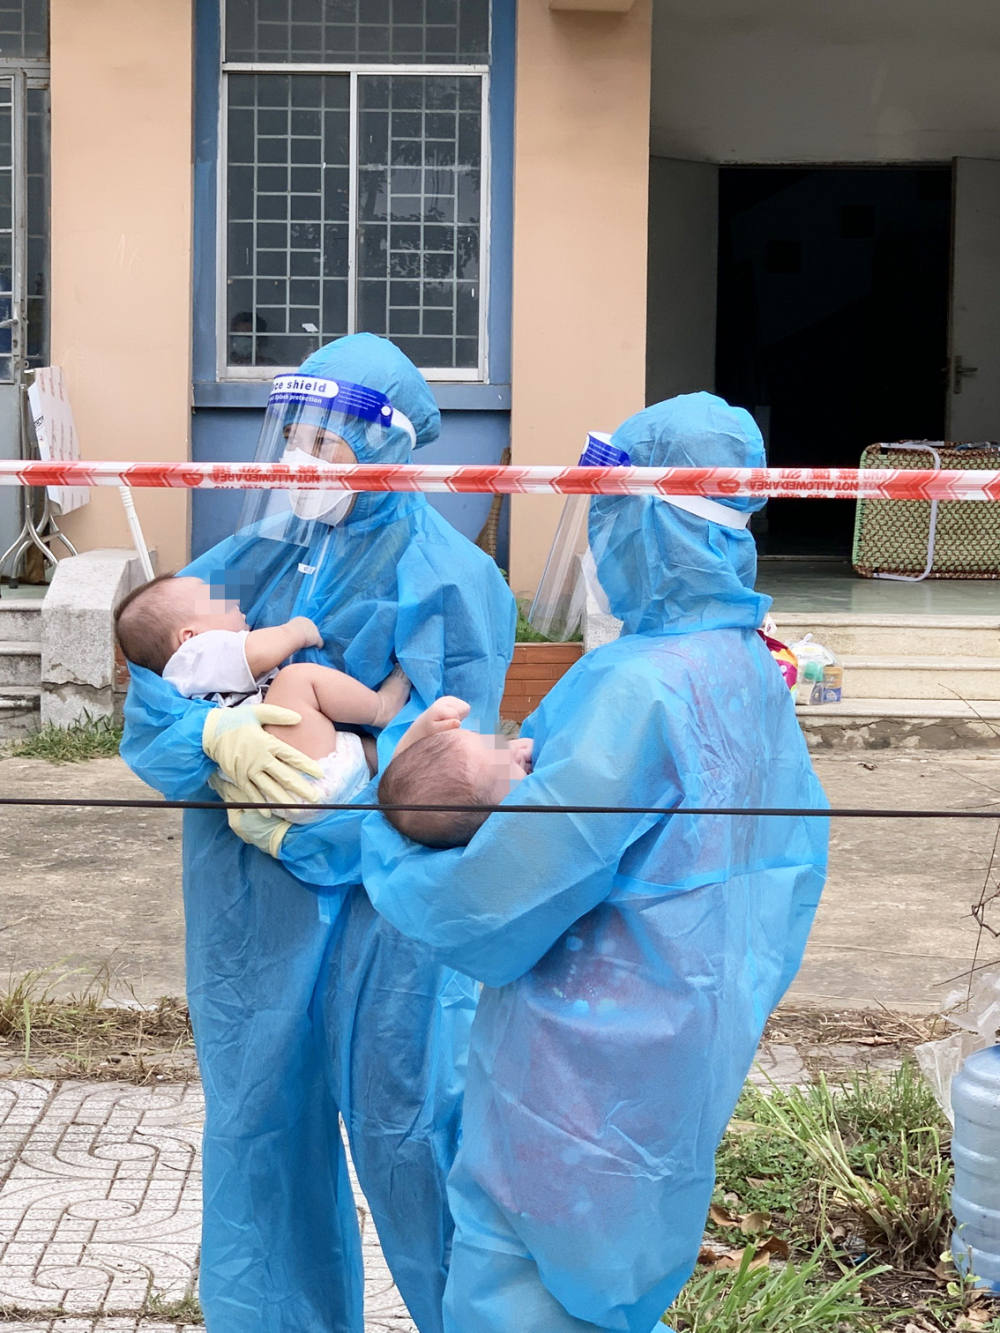 Hai em bé bị bỏ rơi, được các y bác sĩ tại Bệnh viện Dã chiến số 4 chăm sóc  - ẢNH: BỆNH VIỆN NHI ĐỒNG THÀNH PHỐ